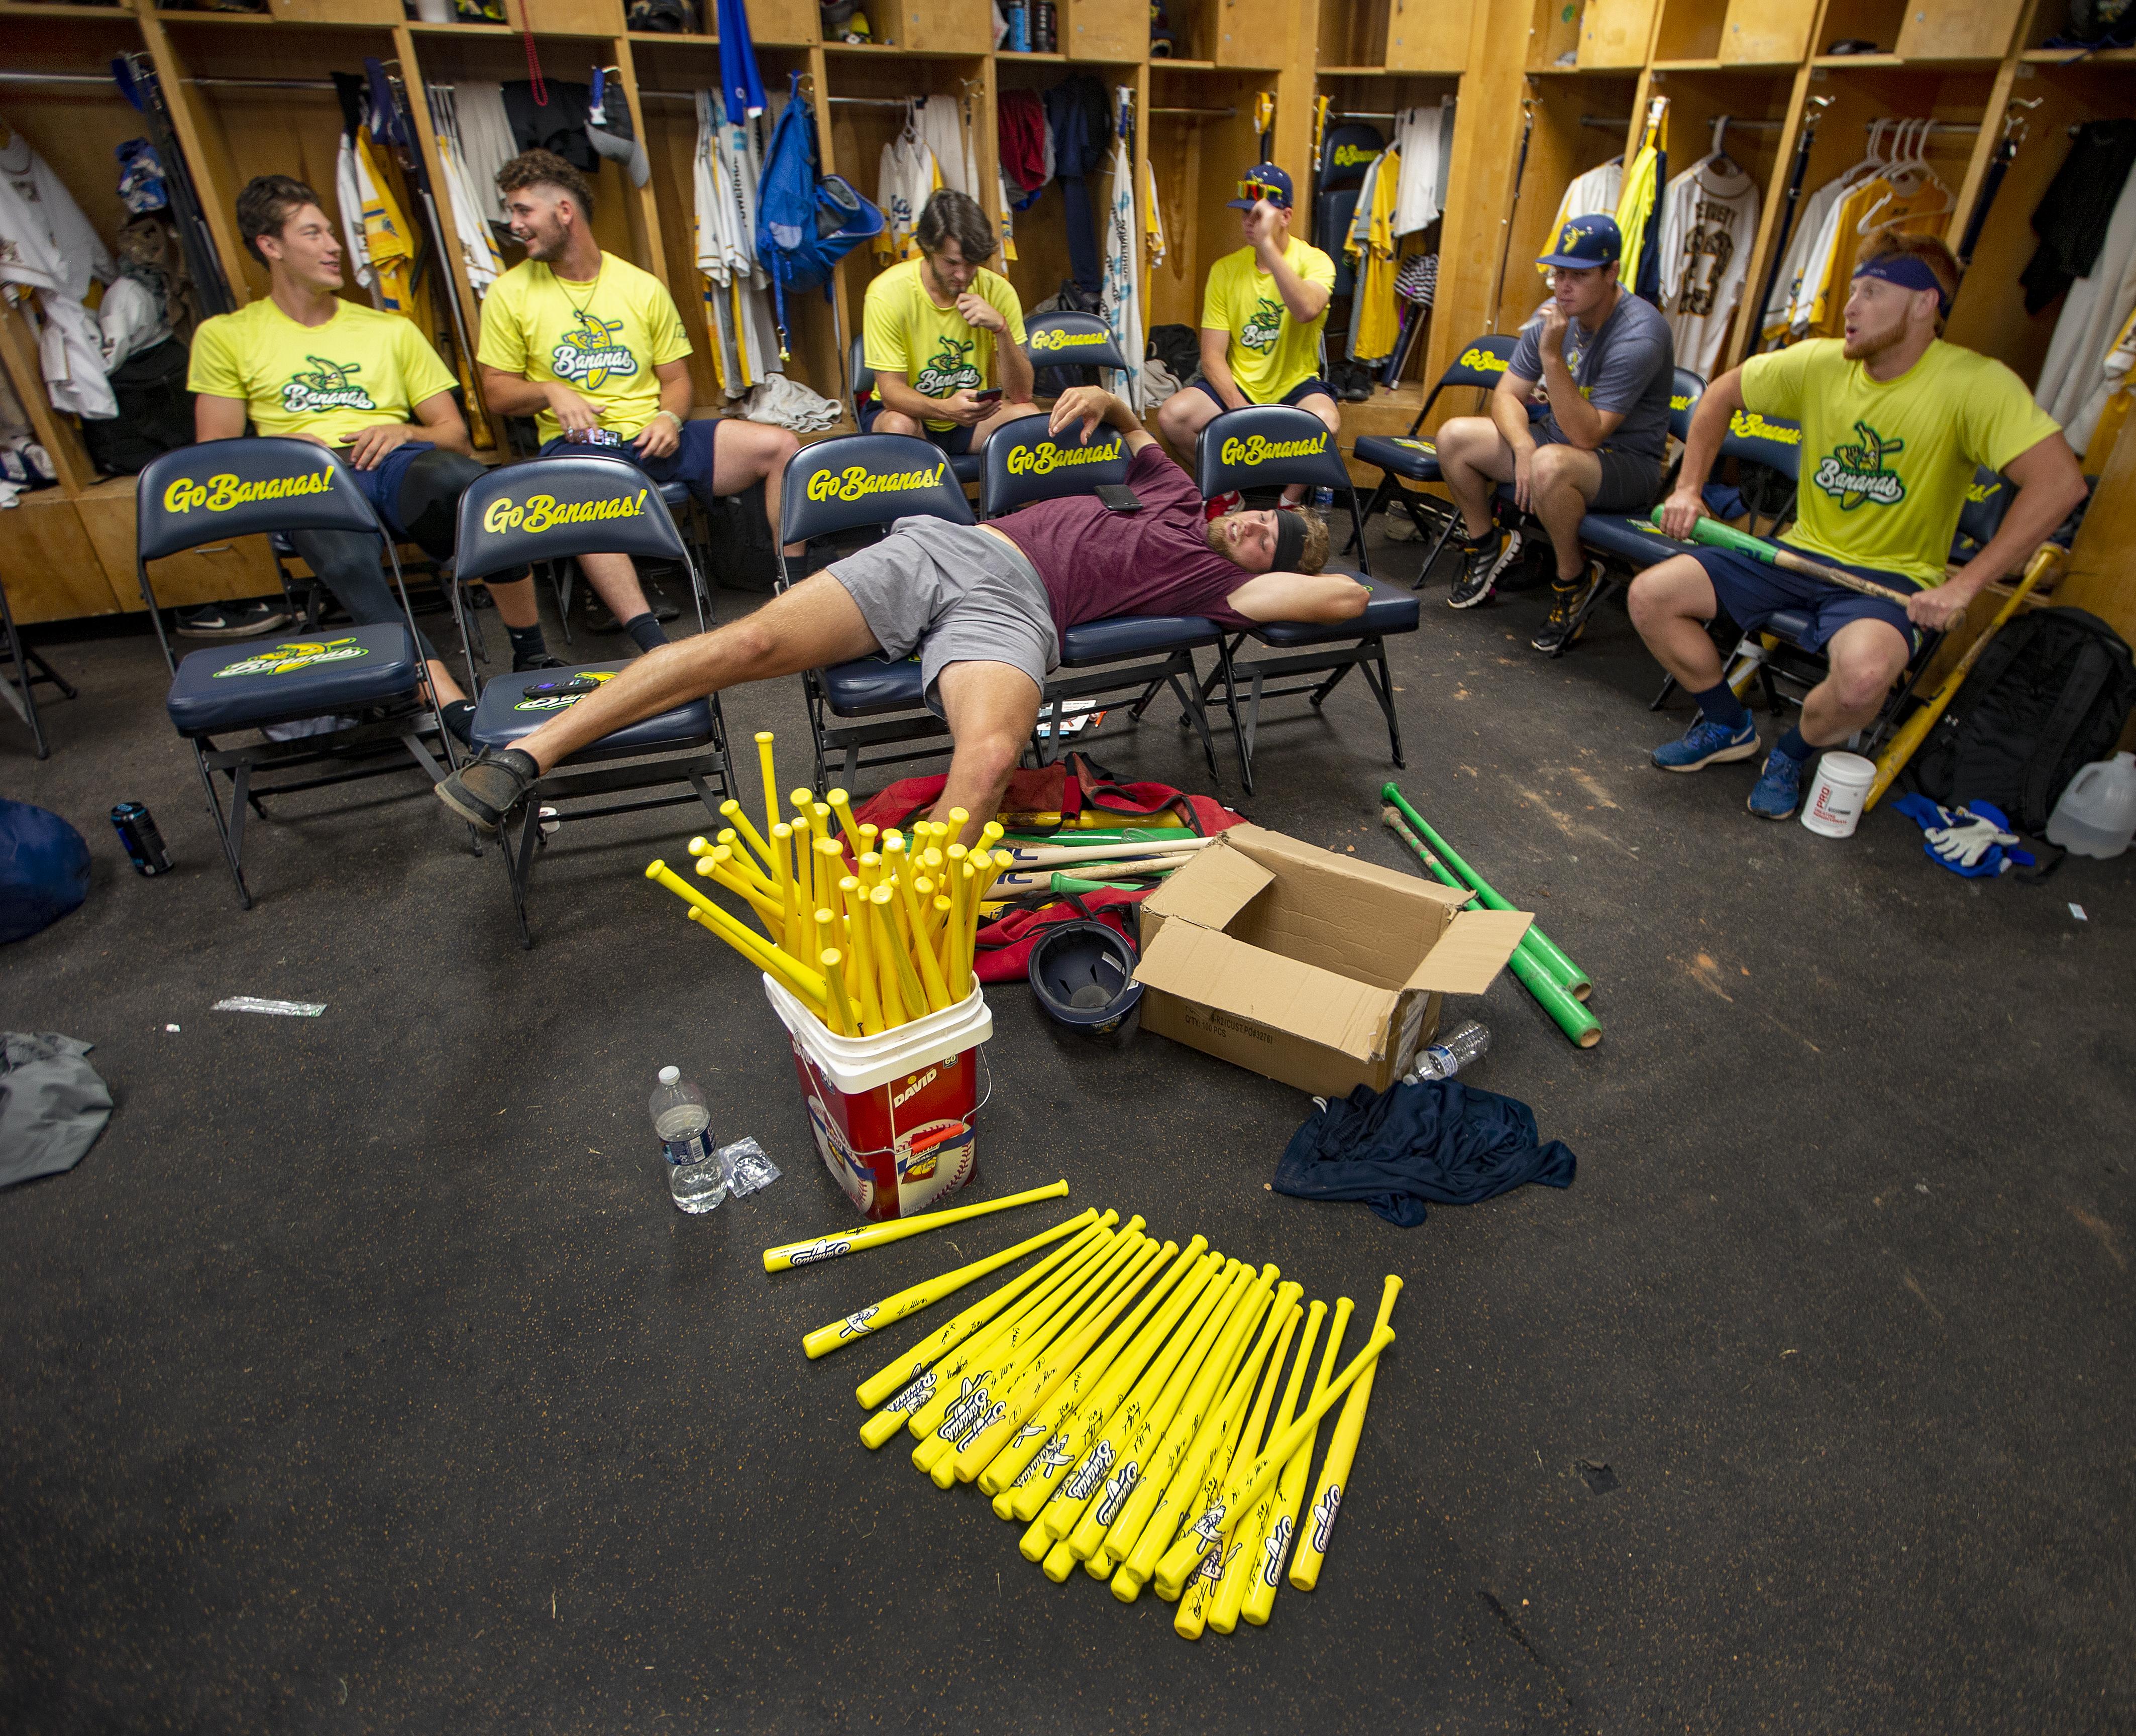 Các cầu thủ trong phòng thay đồ ngã xuống gậy và nói về những ý tưởng giải trí.